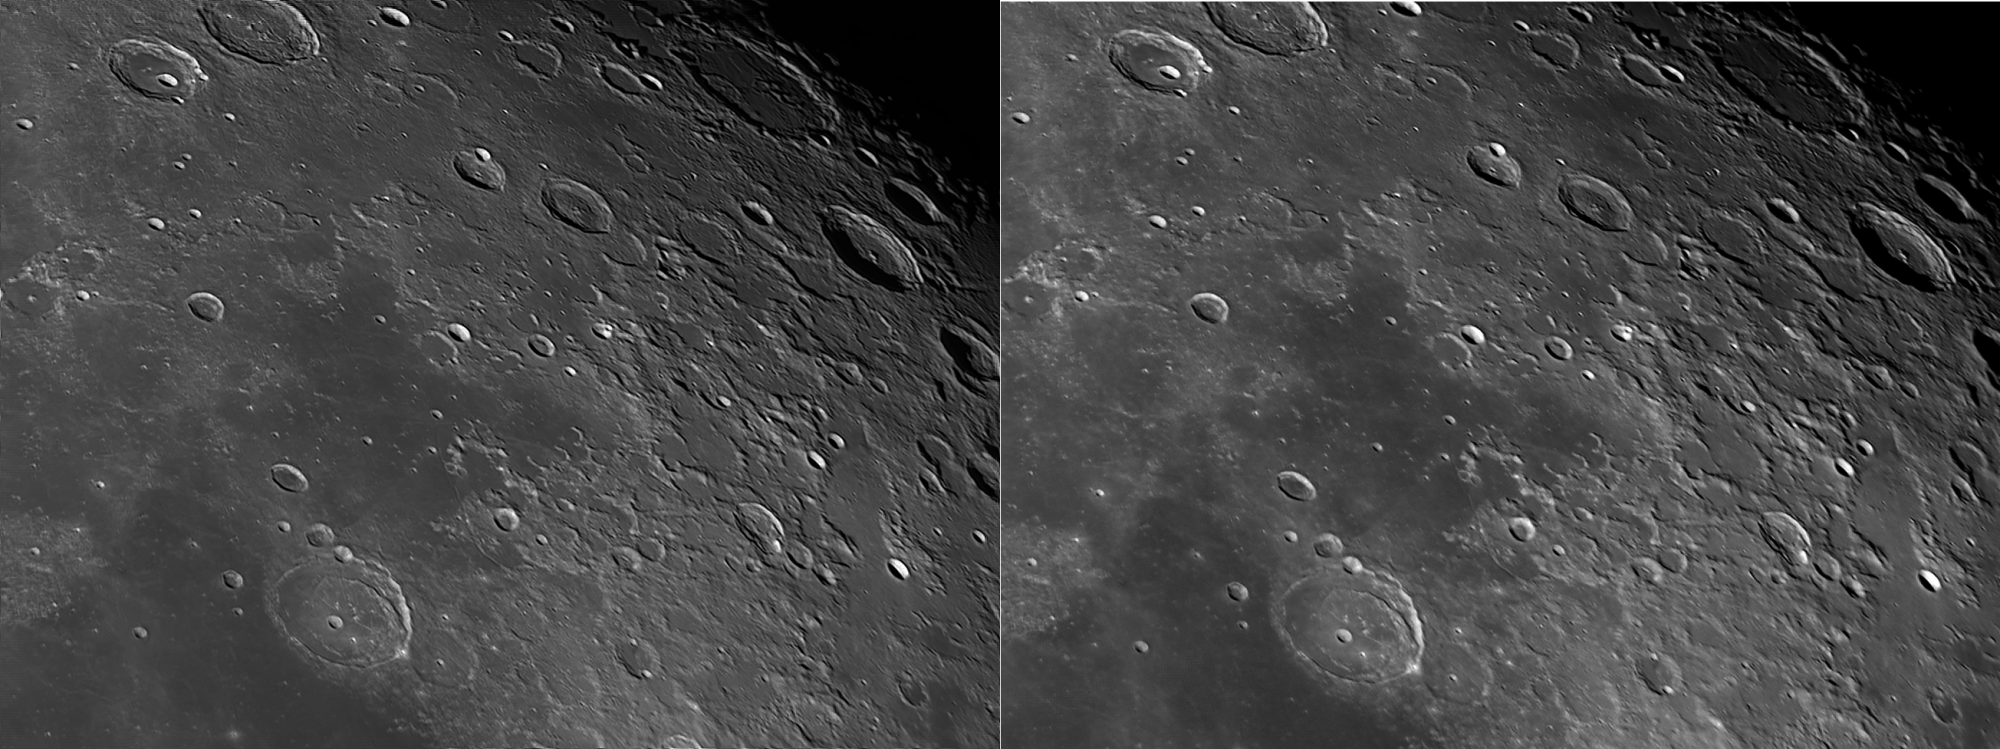 moon_eva_4.thumb.png.d6686b41e84642cee1f8dfbc21eaff65.png